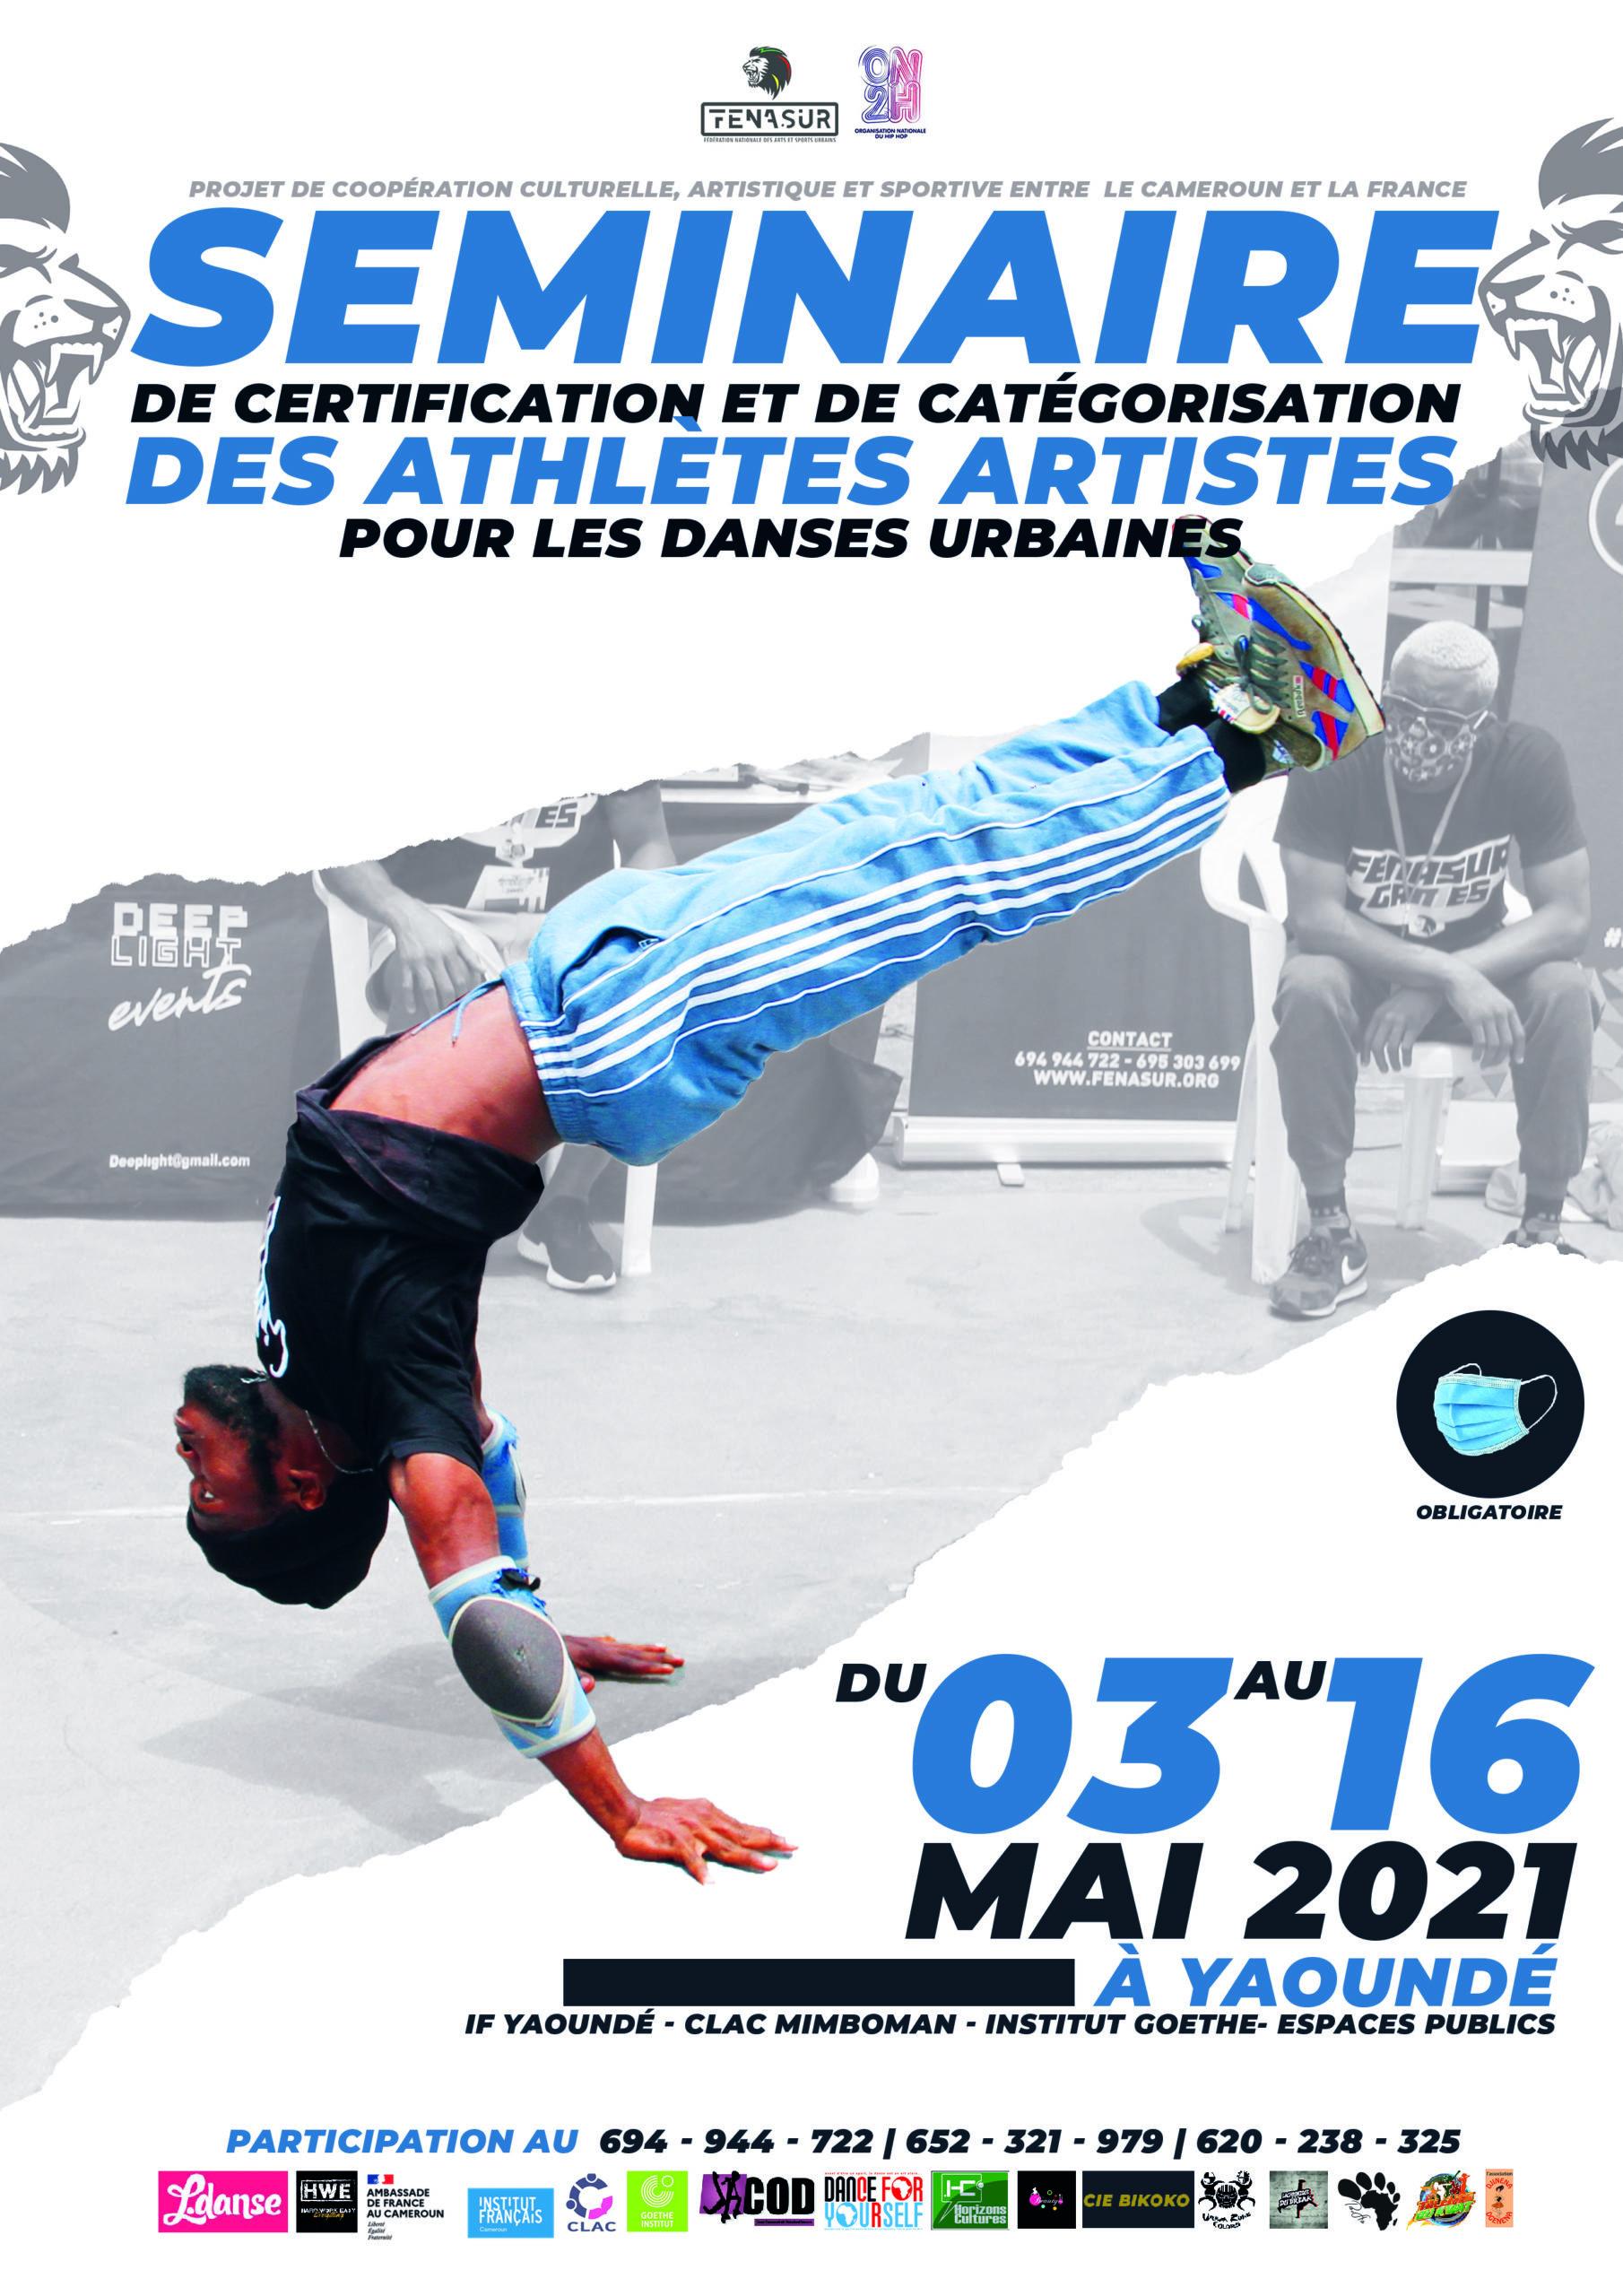 """ON2H et FENASUR, Le séminaire de certification et de catégorisation des Athlètes Artistes pour les danses urbaines au Cameroun""""."""